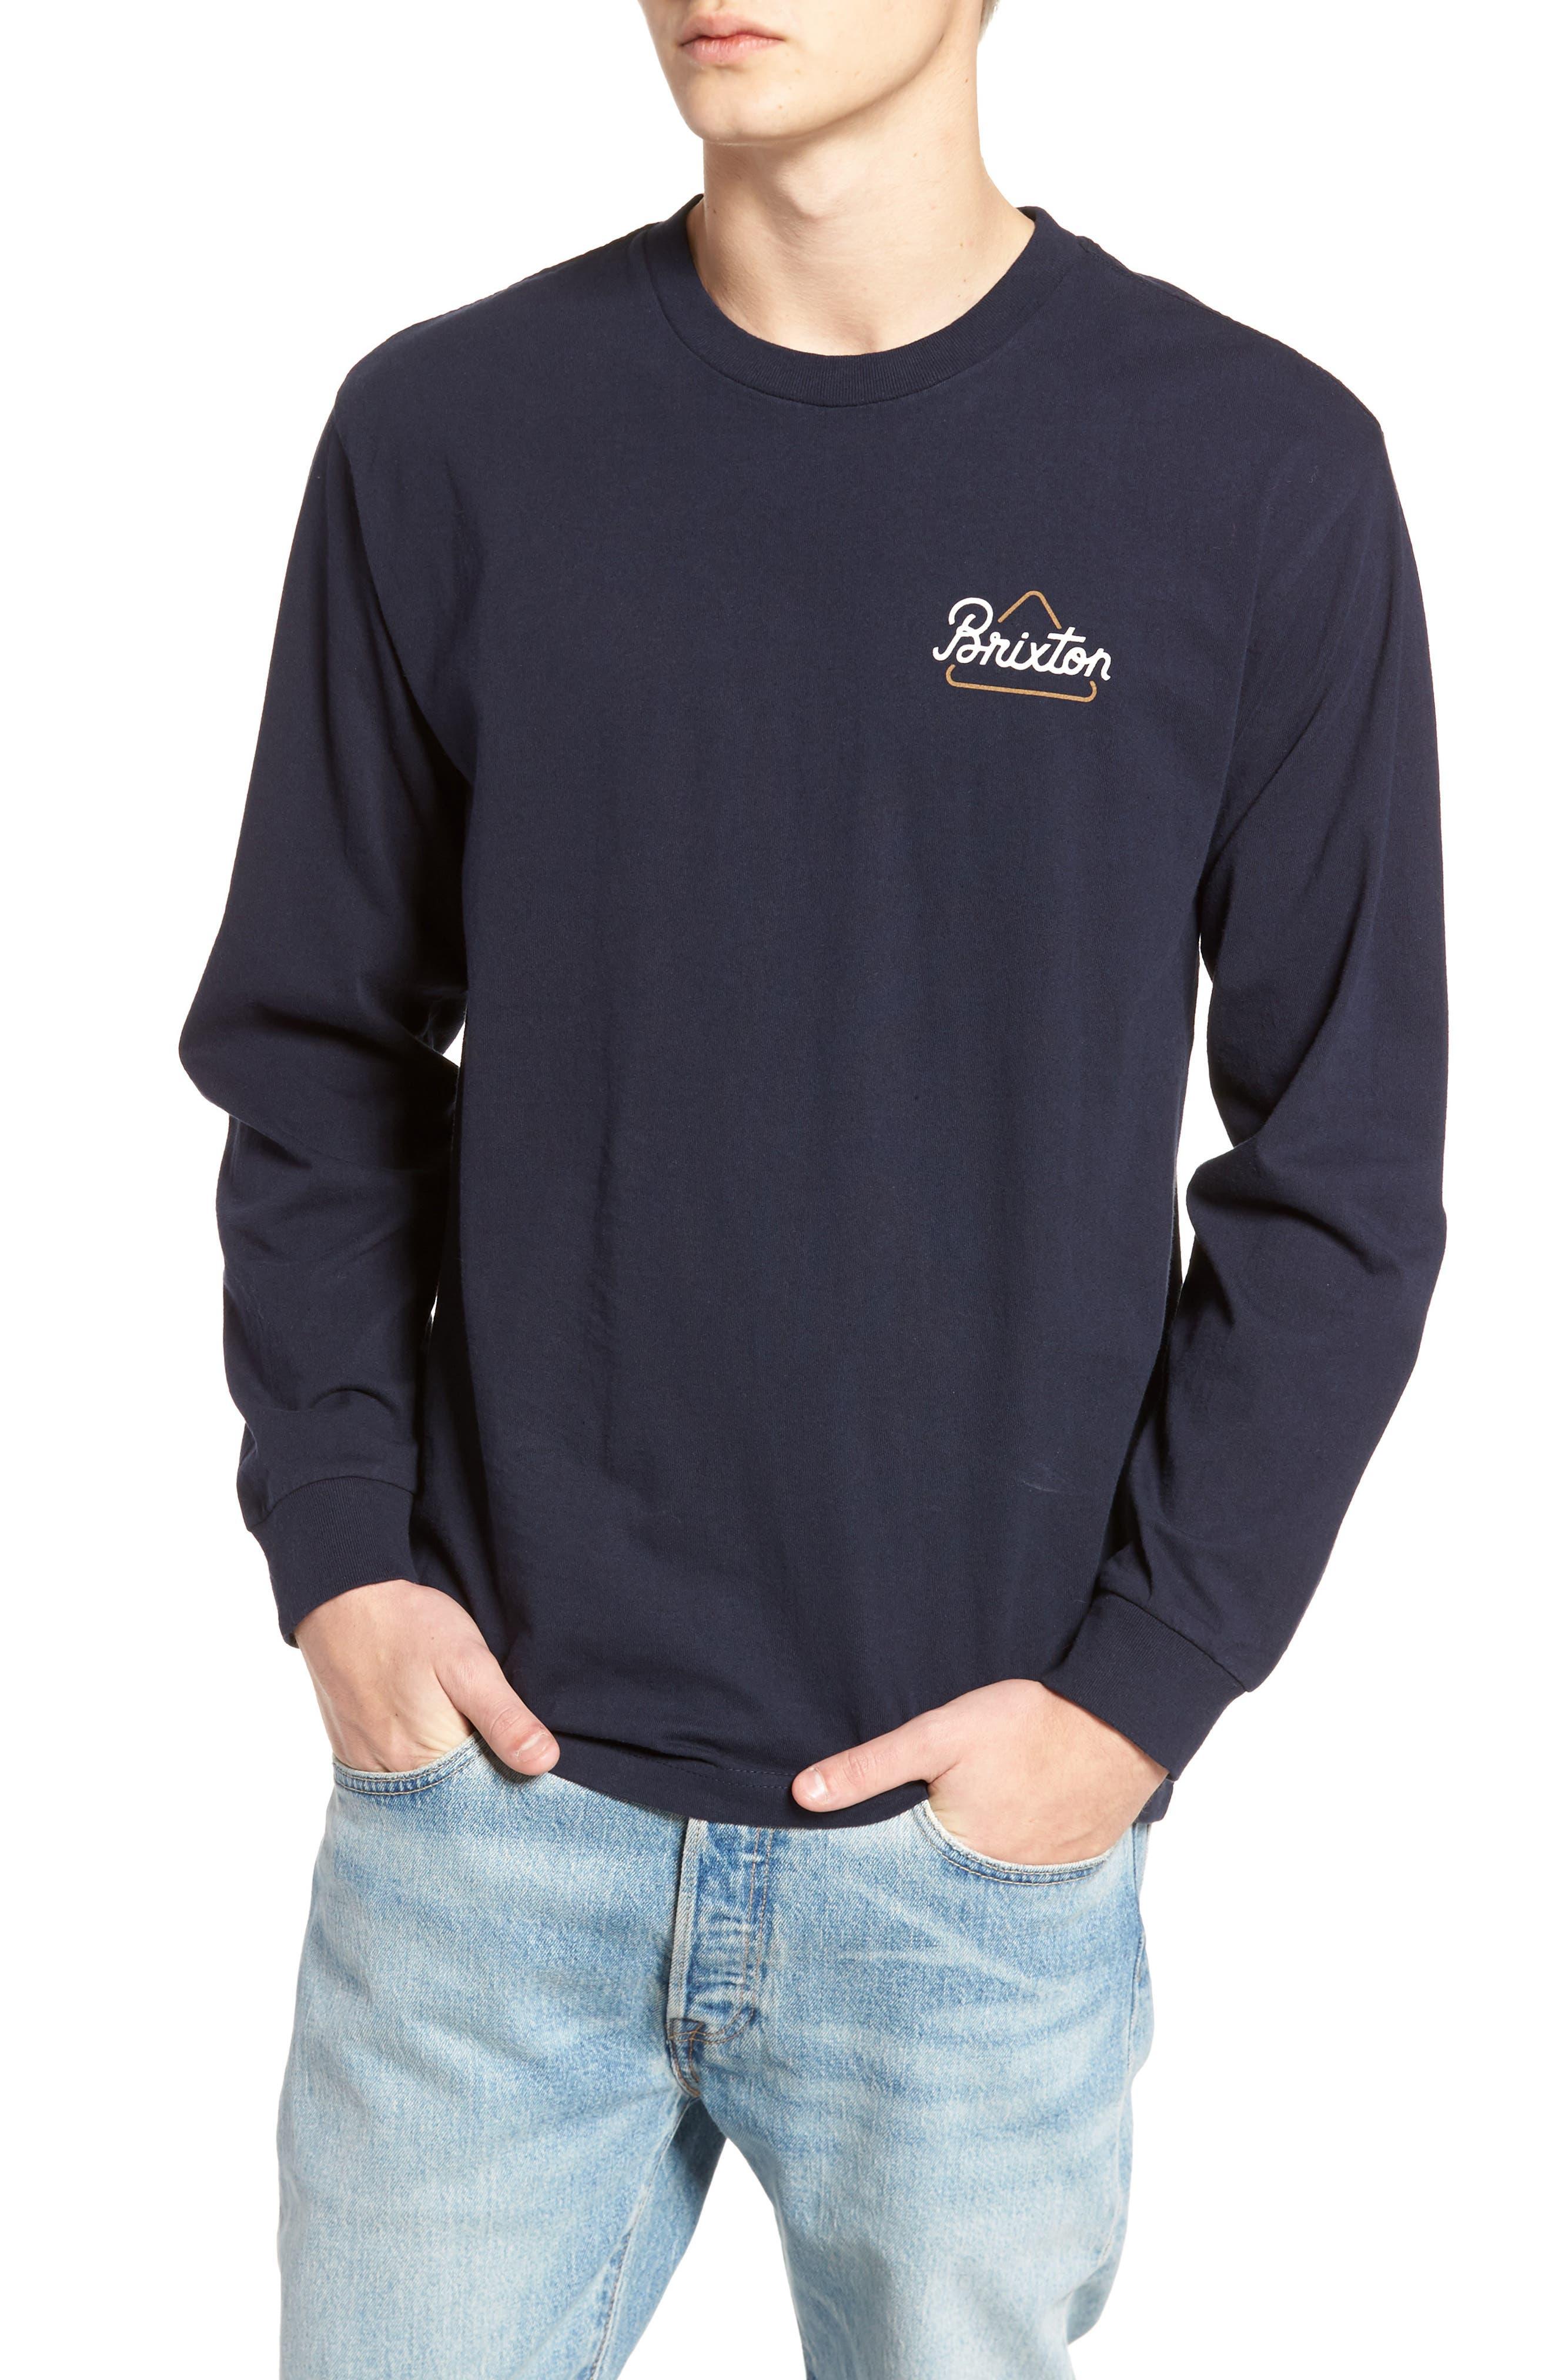 Brixton Newbury T-Shirt